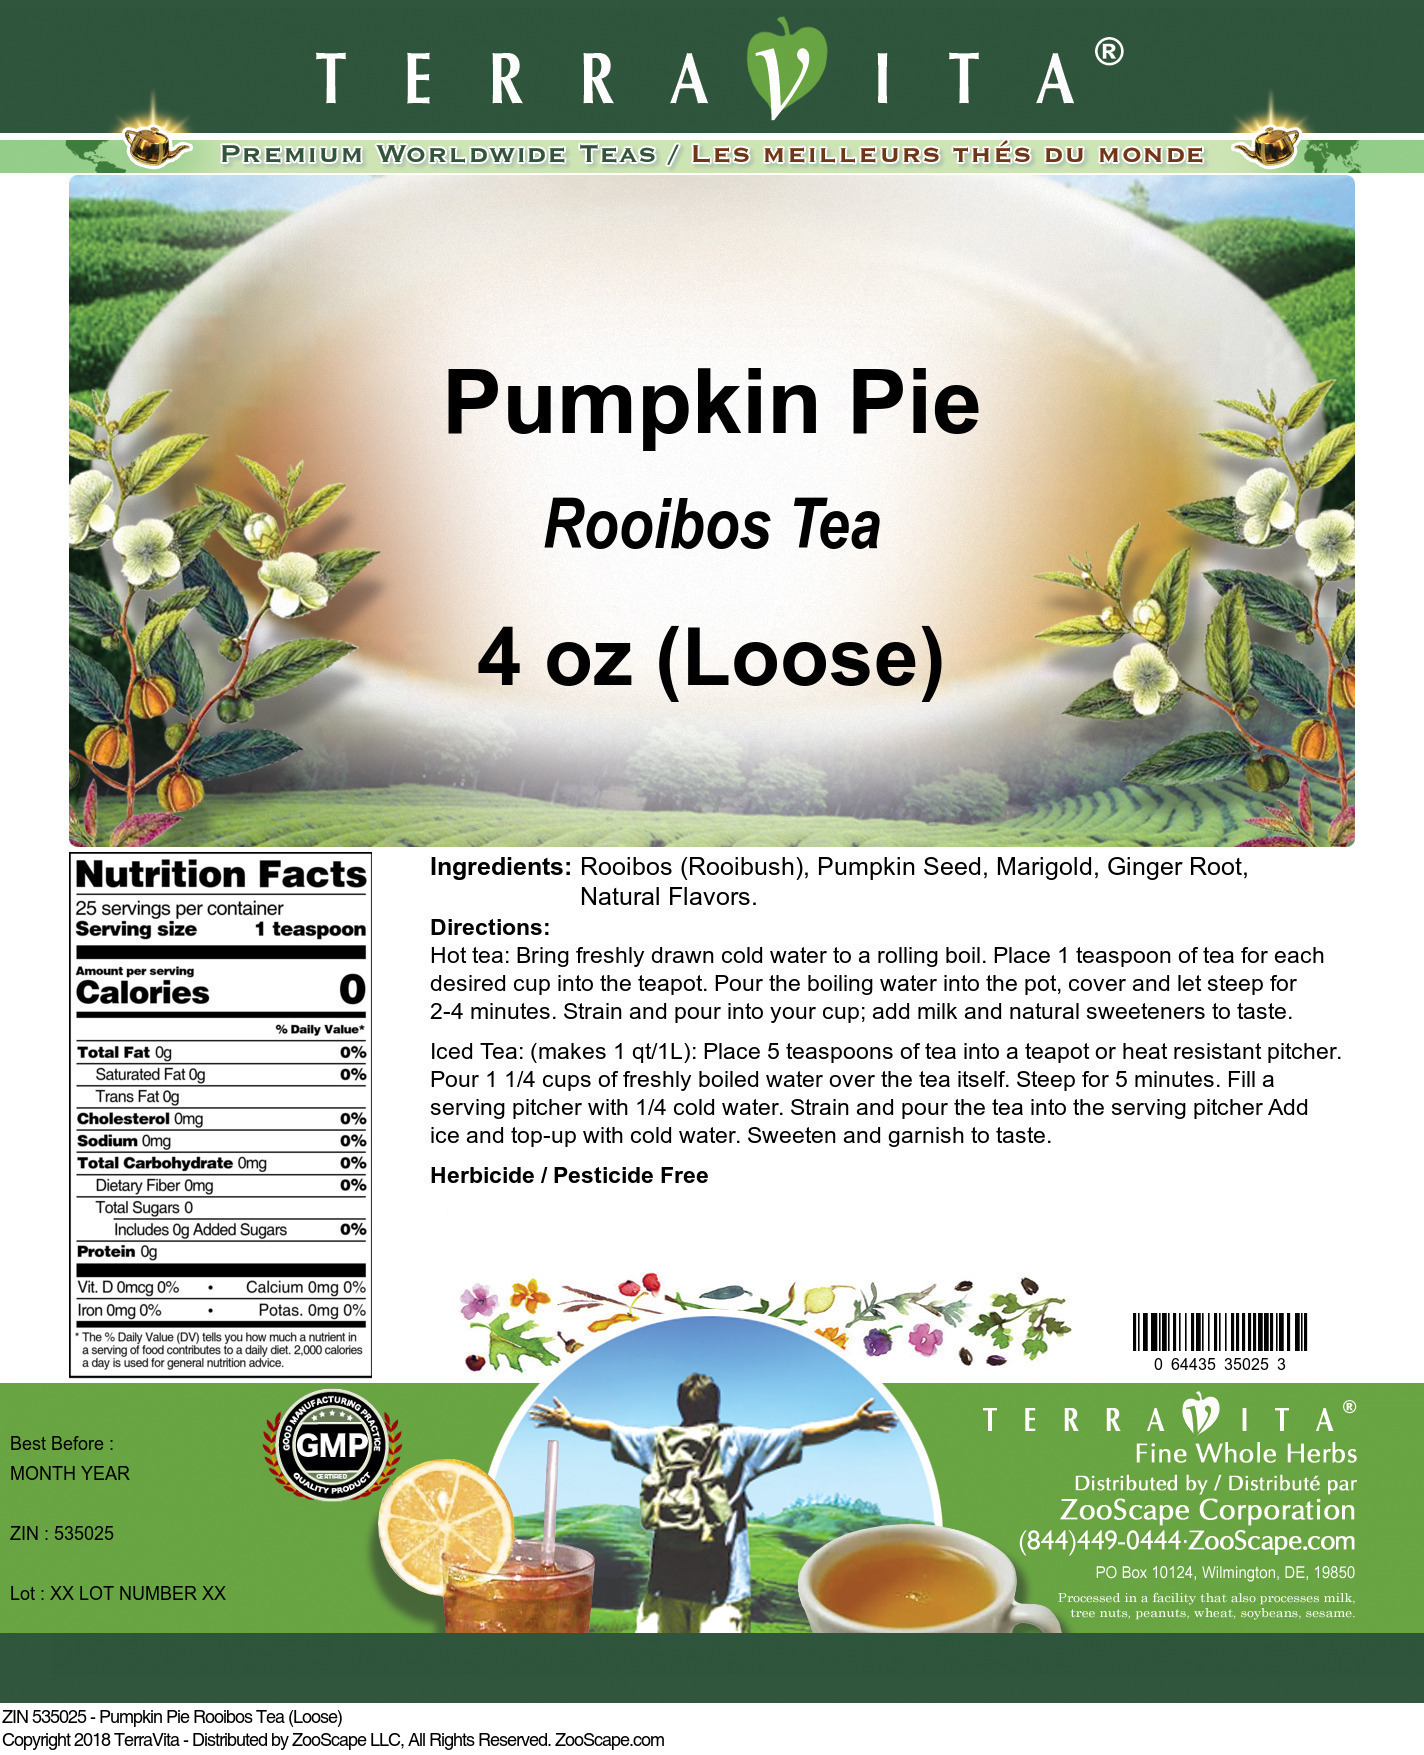 Pumpkin Pie Rooibos Tea (Loose)